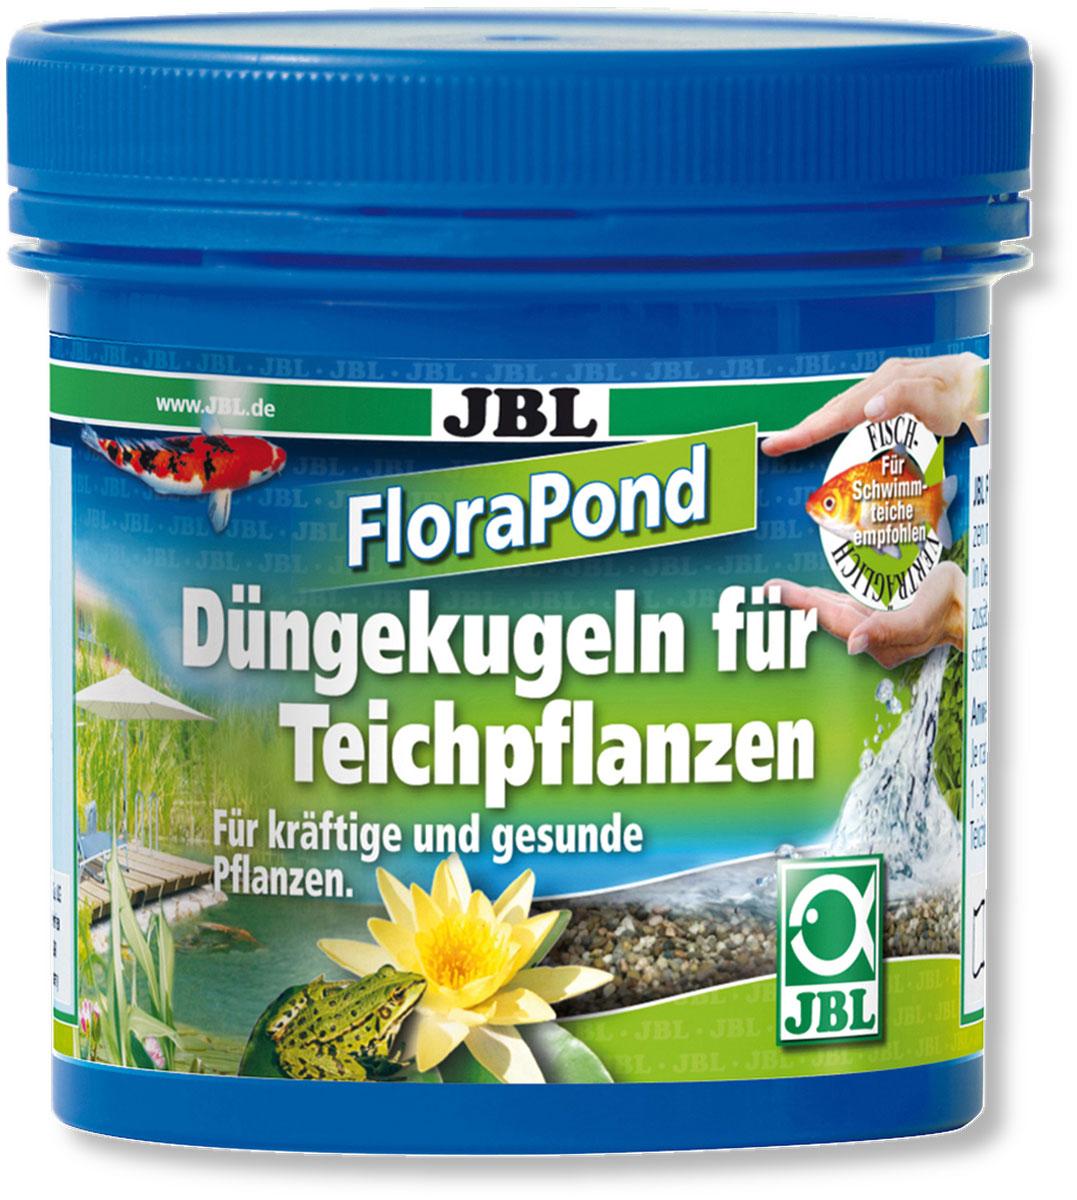 Удобрение для прудовых растений JBL FloraPond, в форме шариков, 8 штJBL2738000Удобрение JBL FloraPond предназначено для всех лилий и болотных растений в садовом пруду. Удобрение представляет собой 8 шариков из глины с основными питательными веществами и микроэлементами. Служит для устойчивой долговременной поддержки растений. Такое удобрение обеспечивает достаточными питательными веществами приблизительно в течении одного года. Обеспечивает рост растений, кроме нежелательных водорослей. Количество шариков: 8 шт.